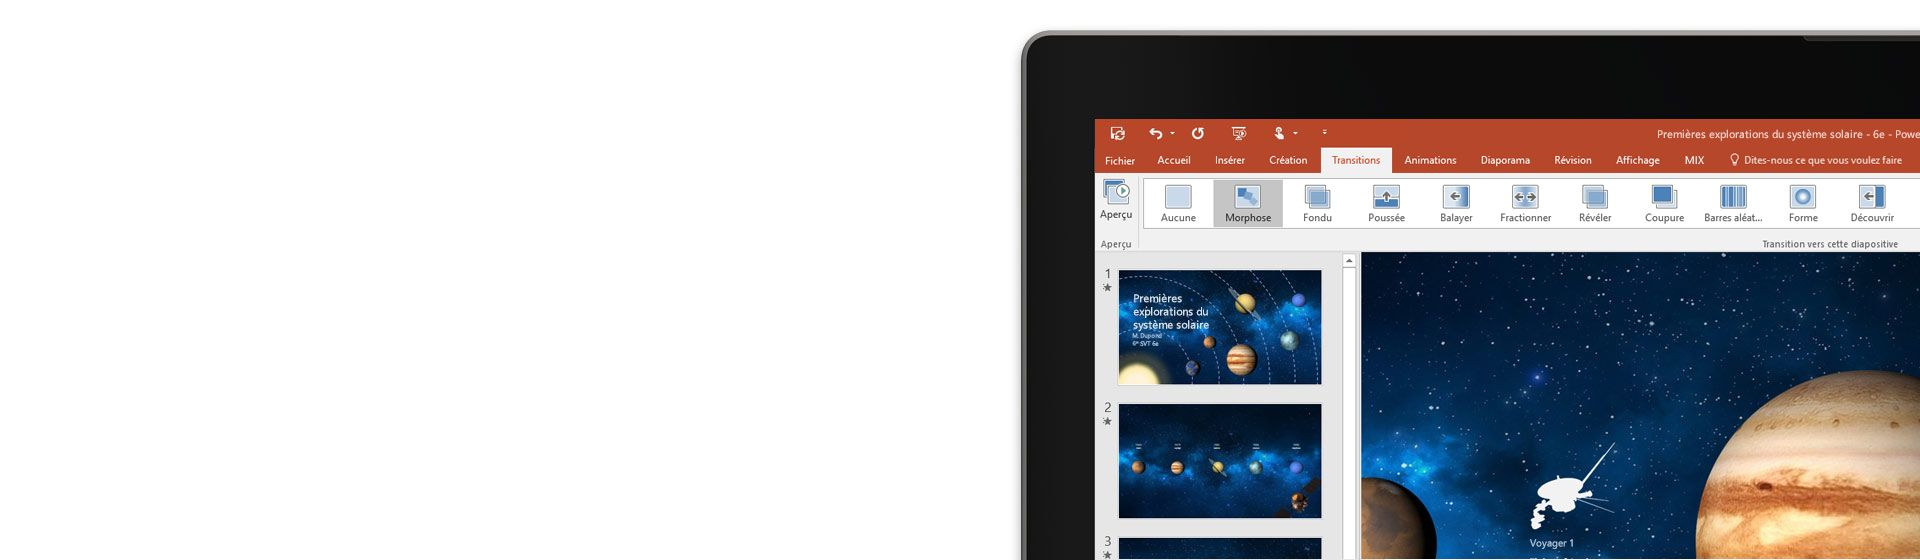 Angle d'écran d'ordinateur portable affichant une présentation PowerPoint concernant l'exploration de l'origine du système solaire